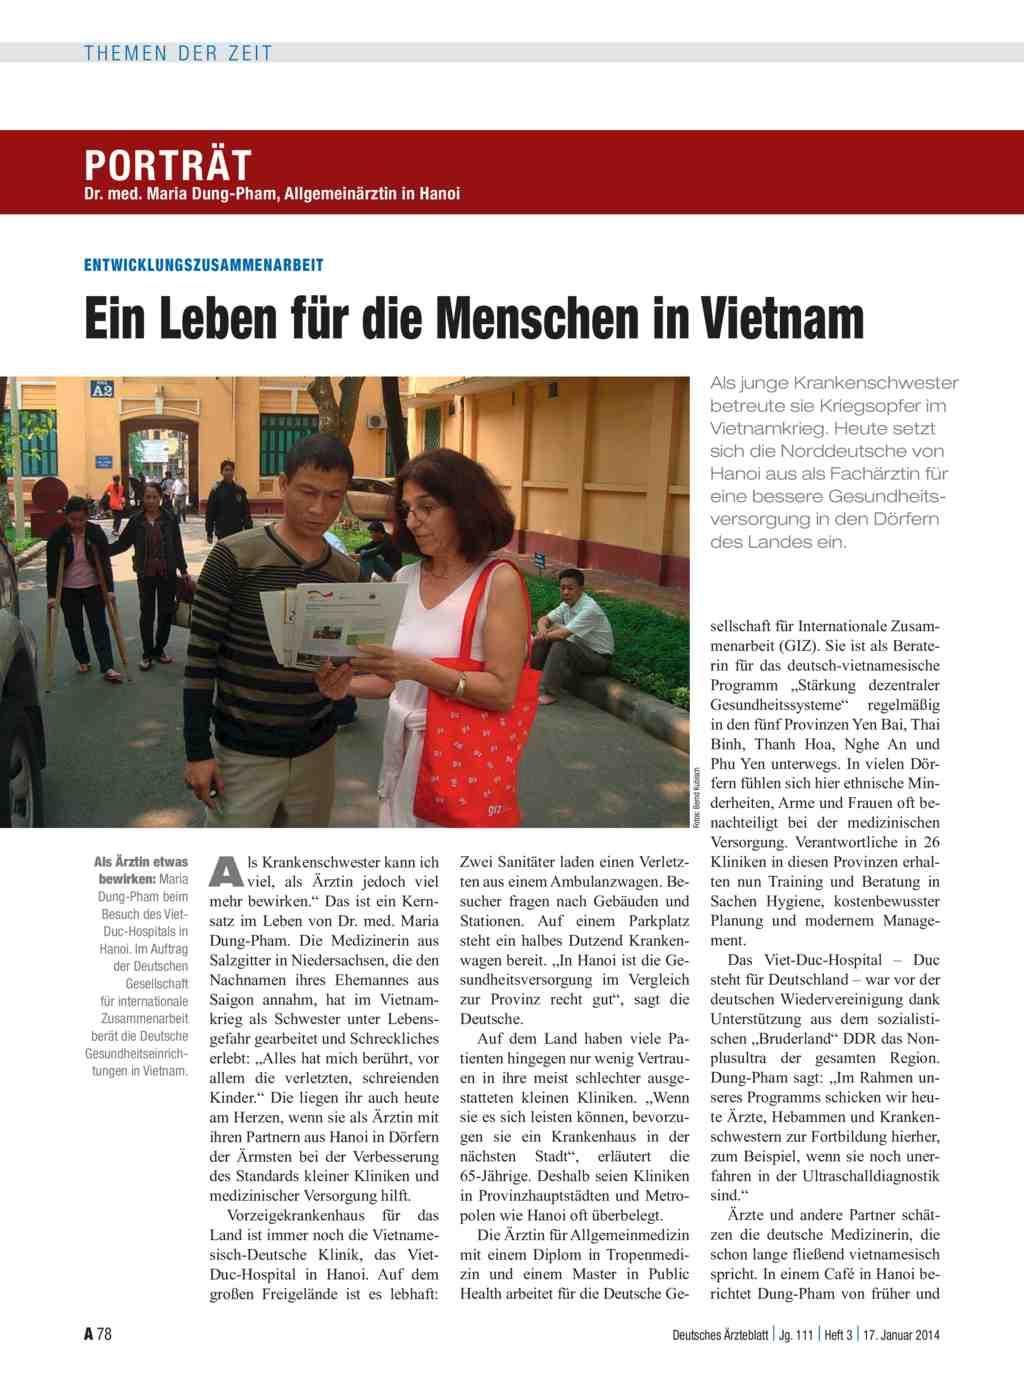 Dr. med. Maria Dung-Pham, Allgemeinärztin in Hanoi ...